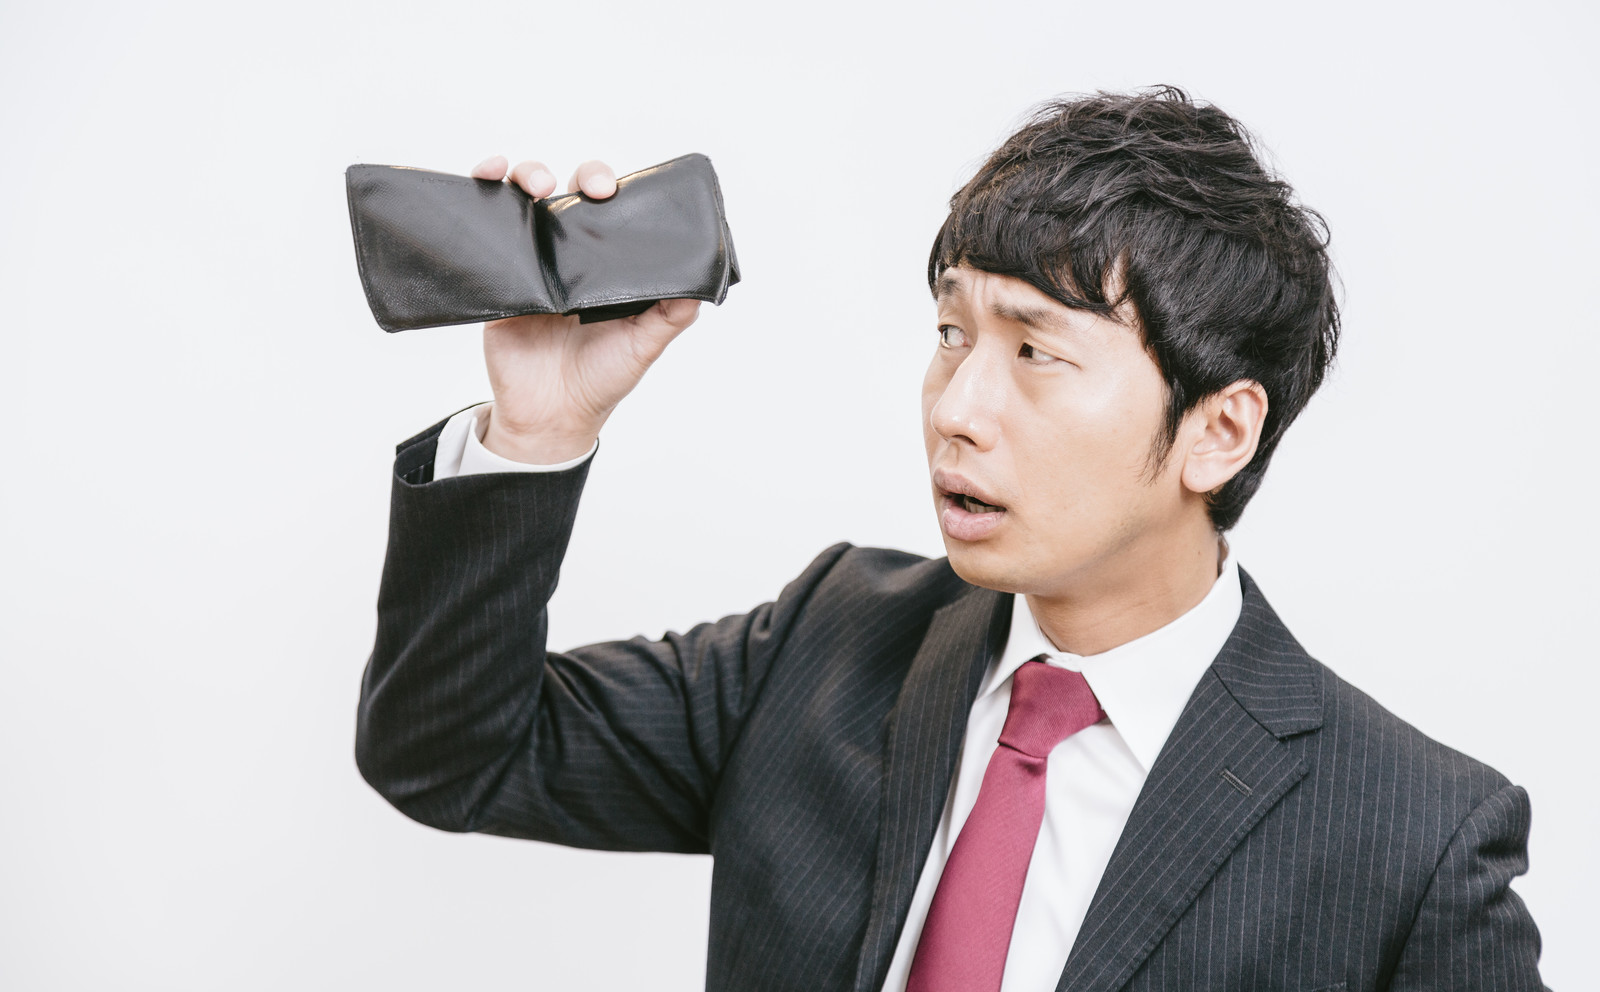 財布を紛失